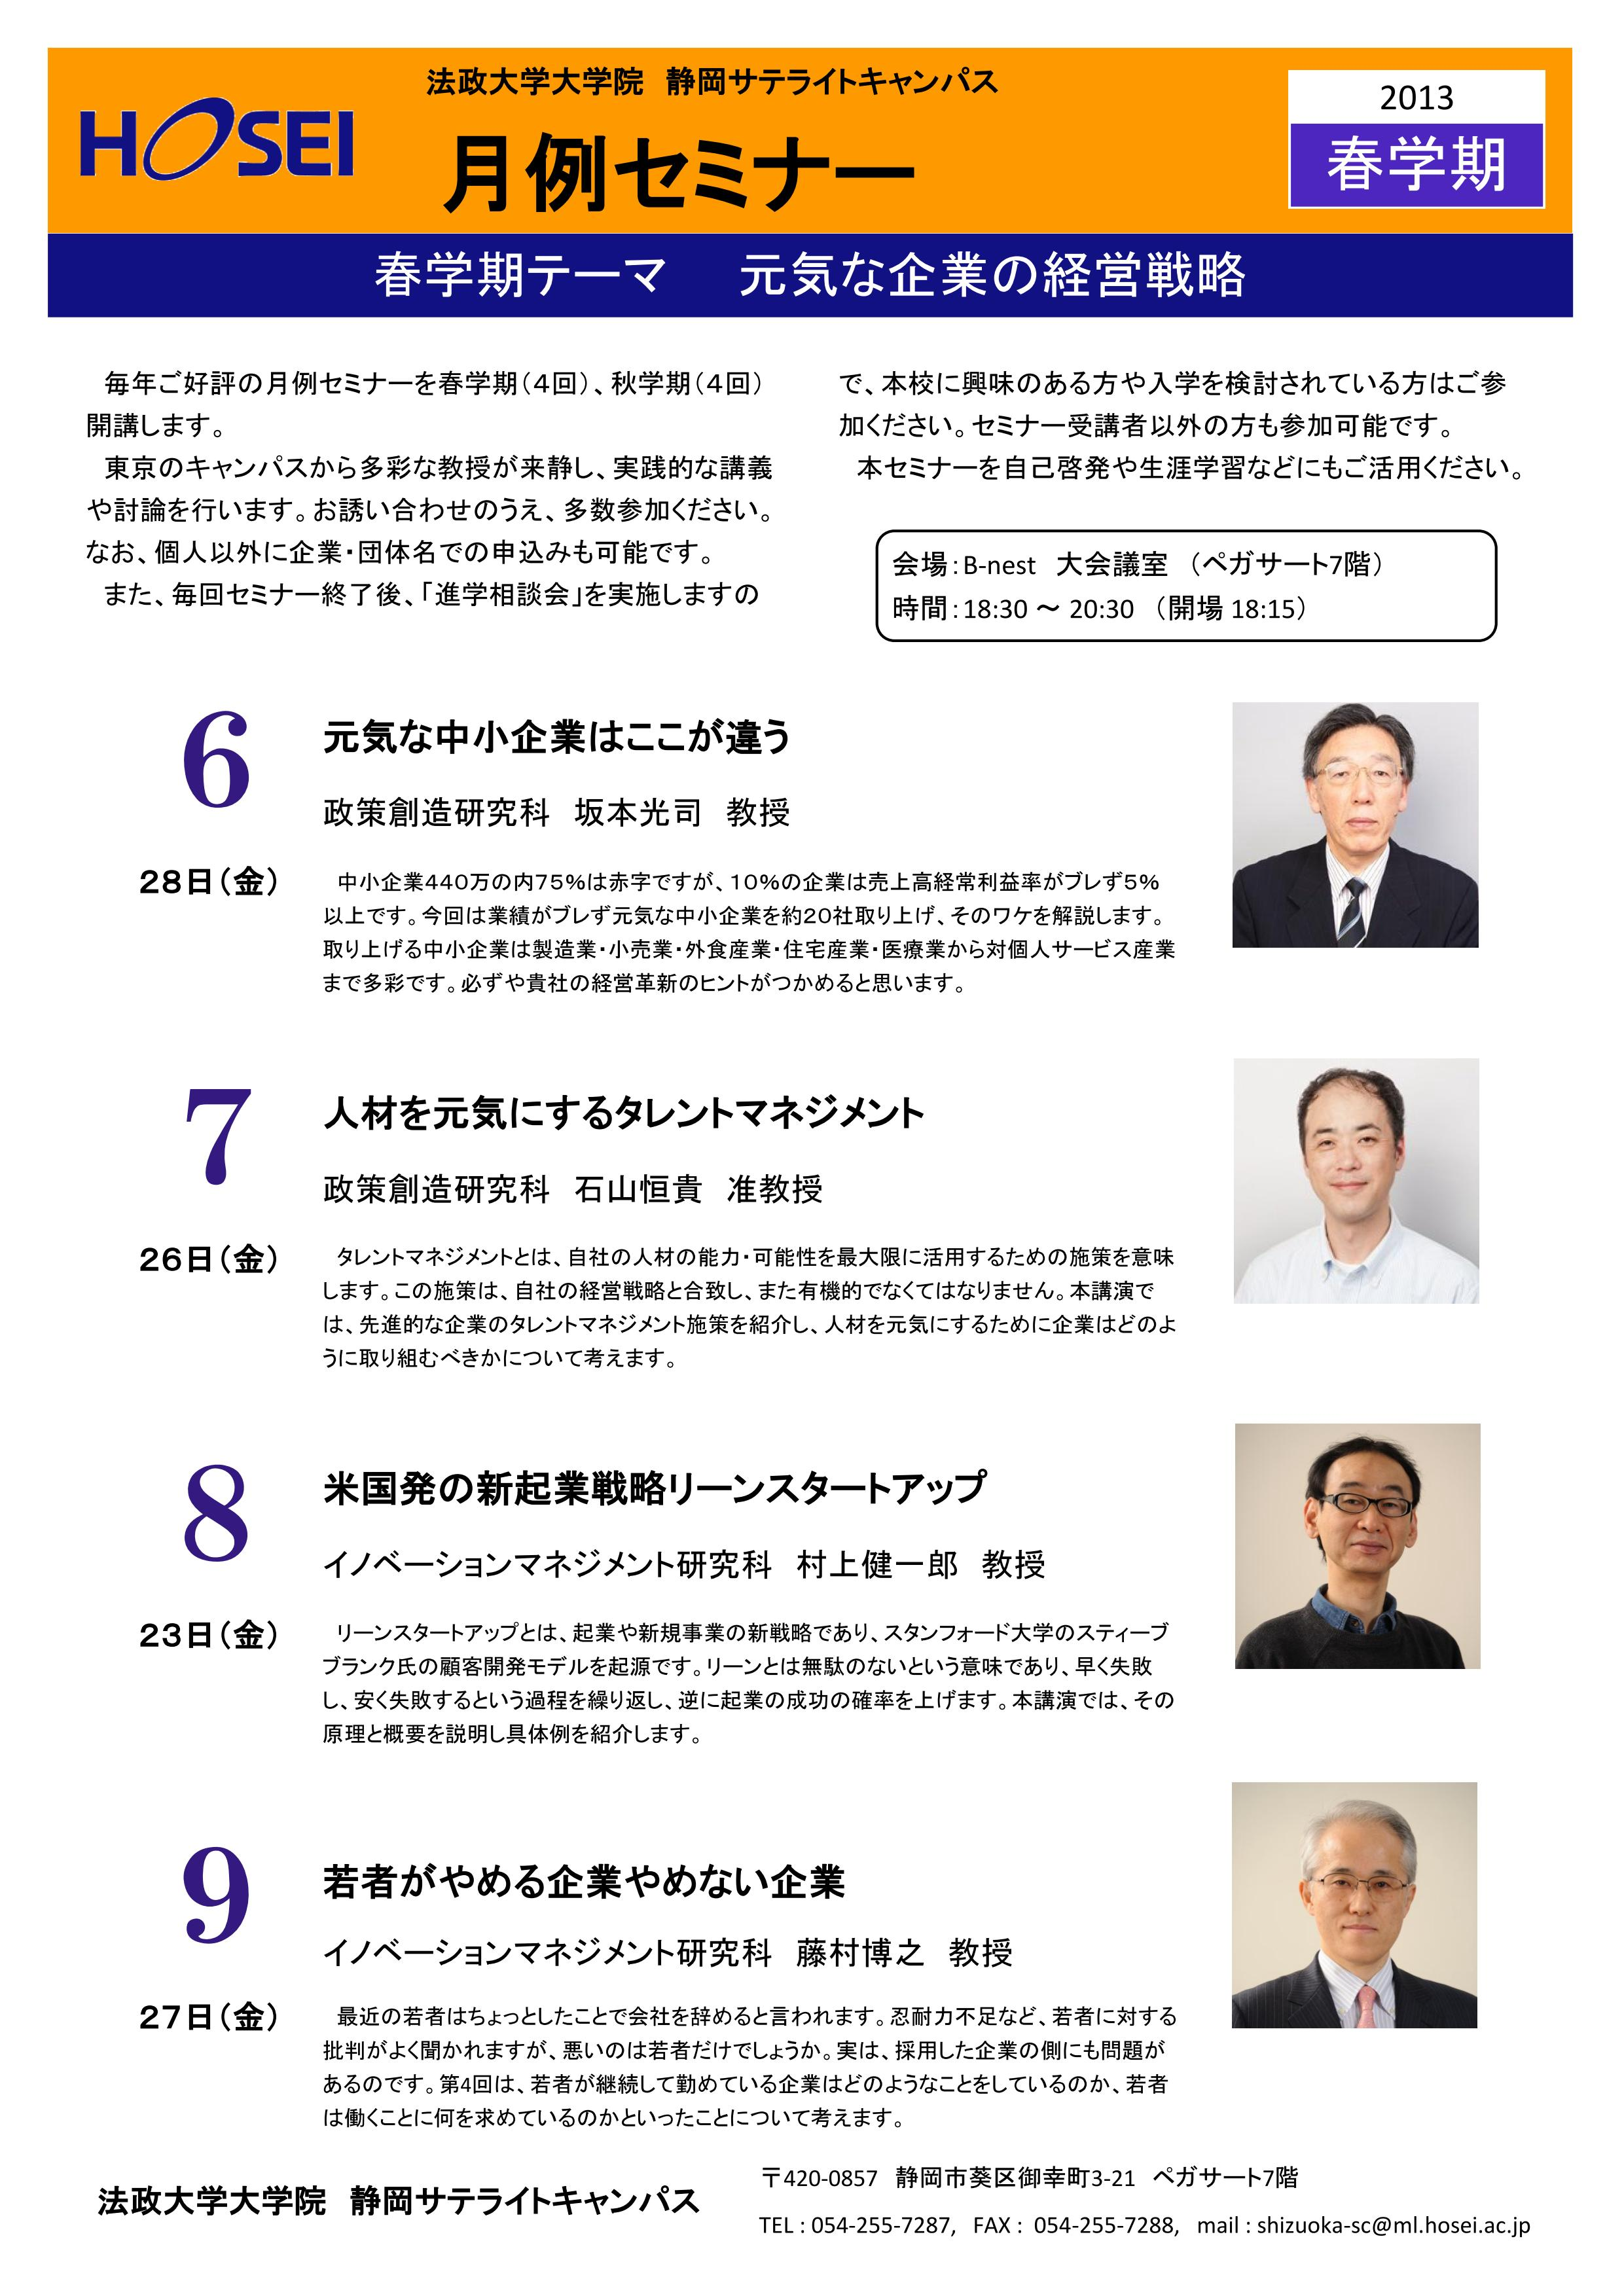 2013年度月例セミナー チラシ(春学期)_01.jpg